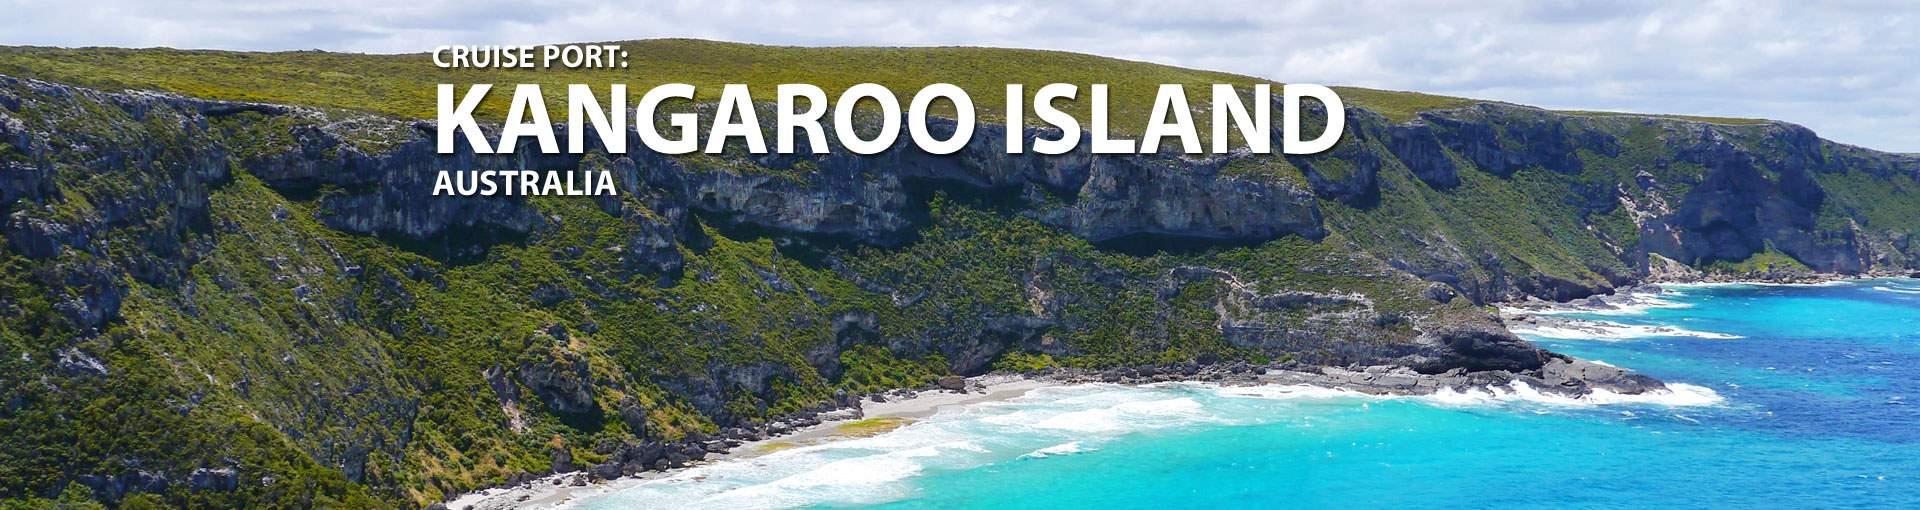 Cruises to Kangaroo Island, Australia